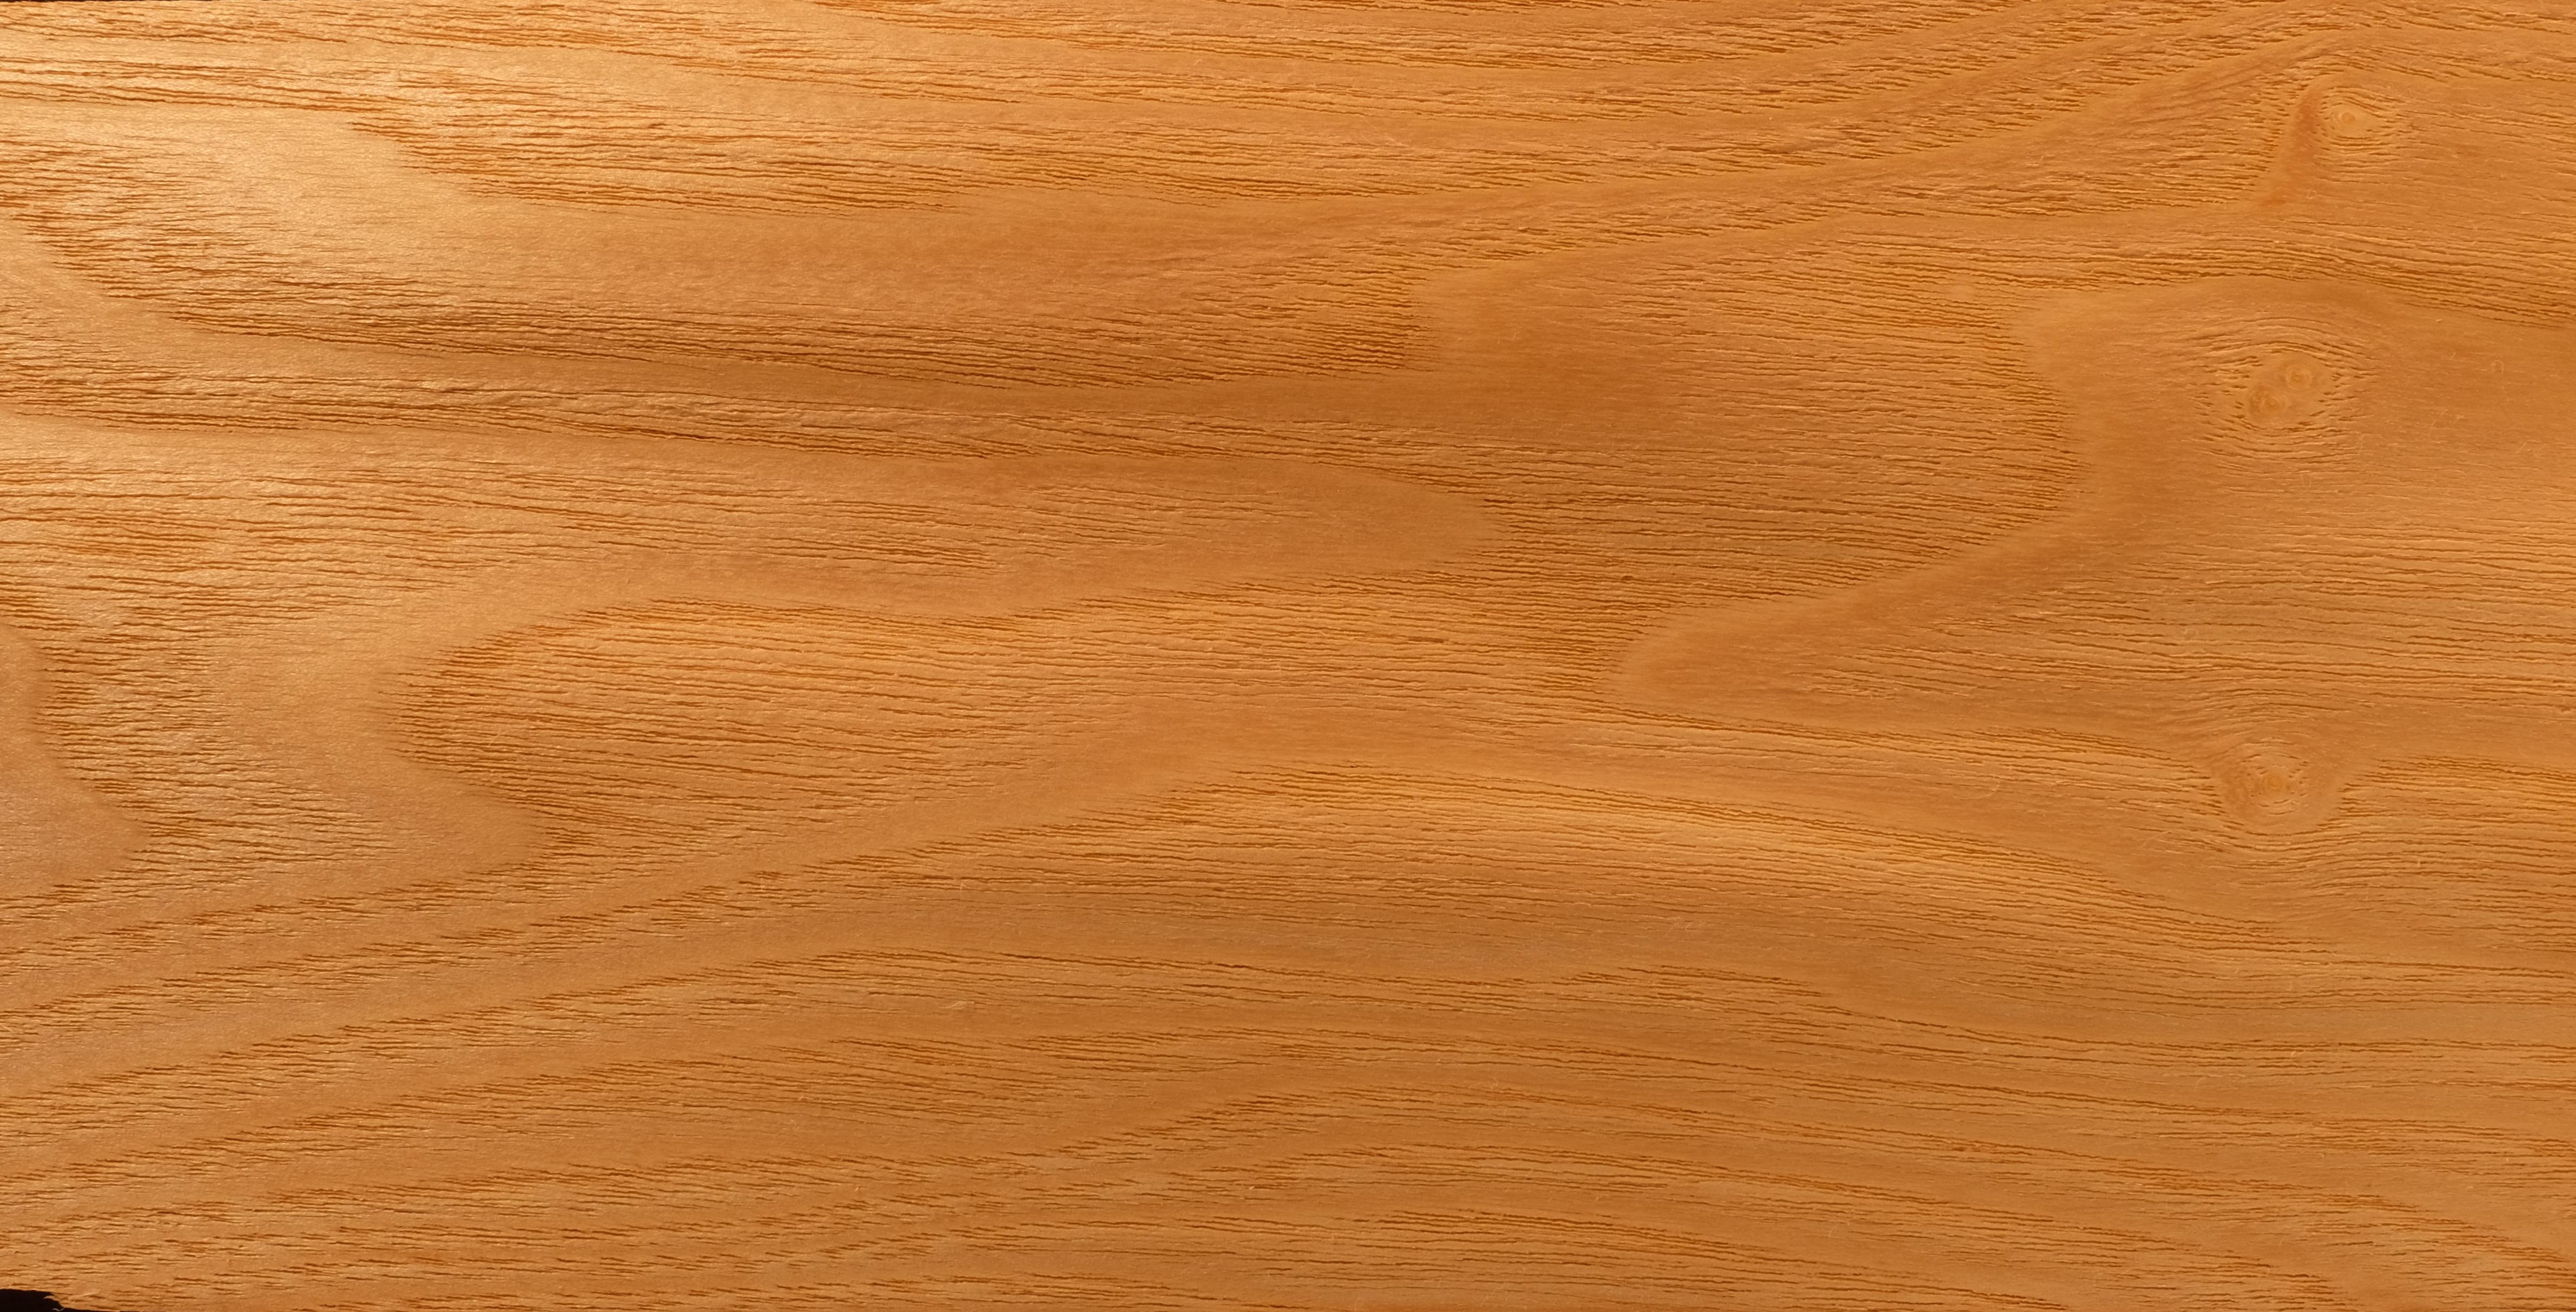 Esche gemeine Holz.JPG